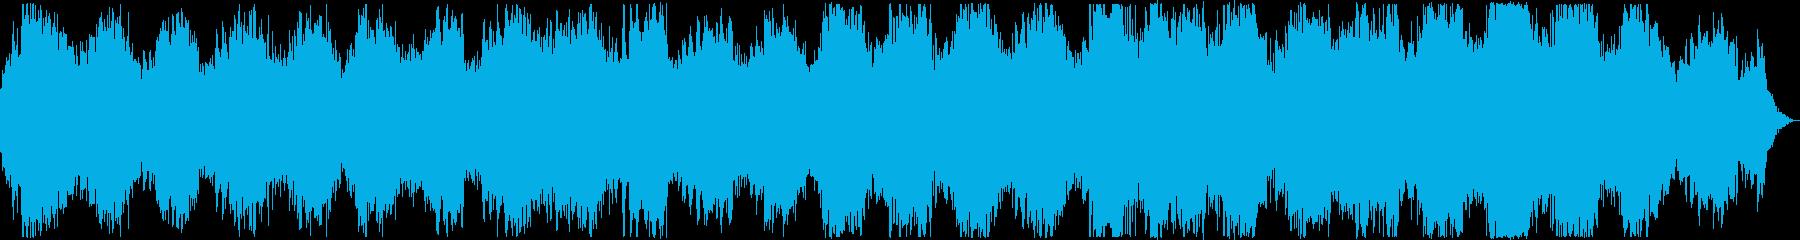 PADS ジャングルオブテンション01の再生済みの波形